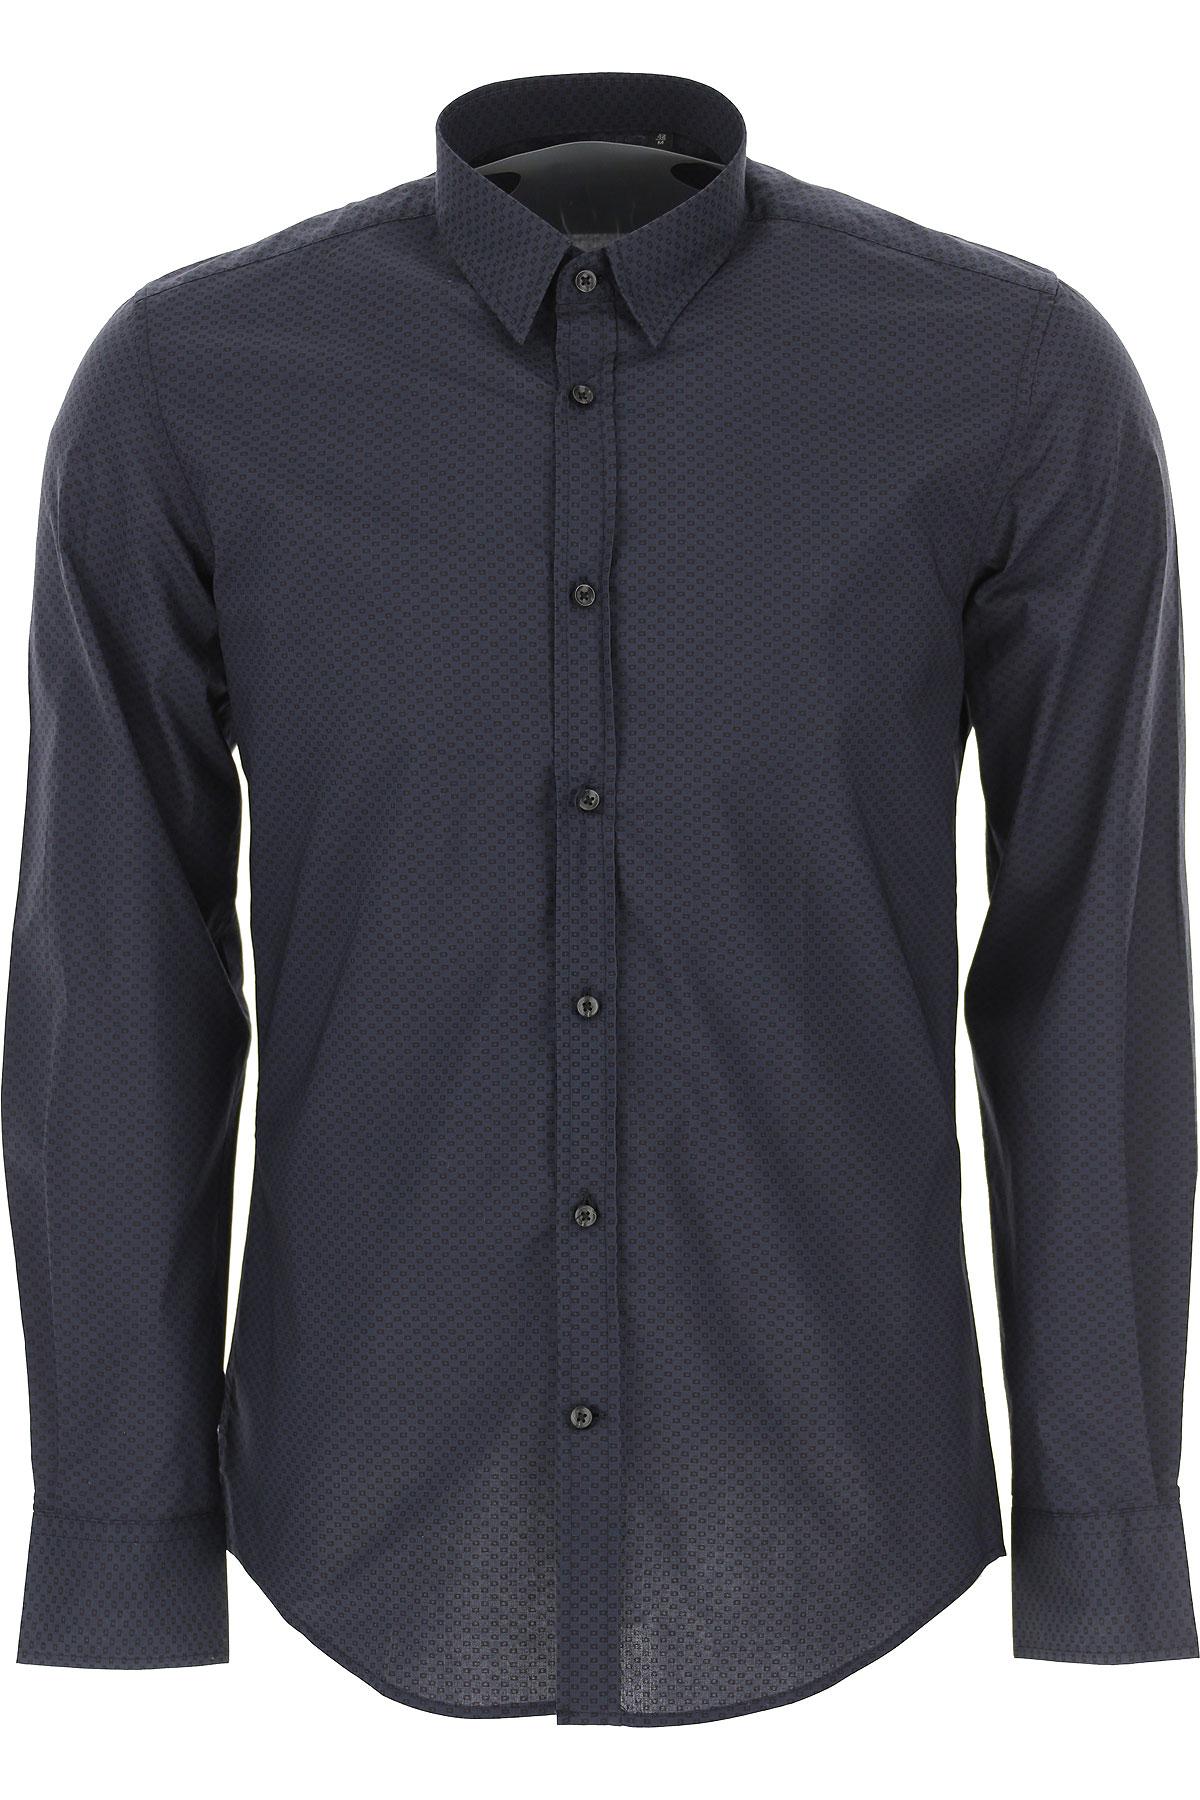 Antony Morato Shirt for Men On Sale, Petroleum Blue, Cotton, 2019, L M S XL XXL